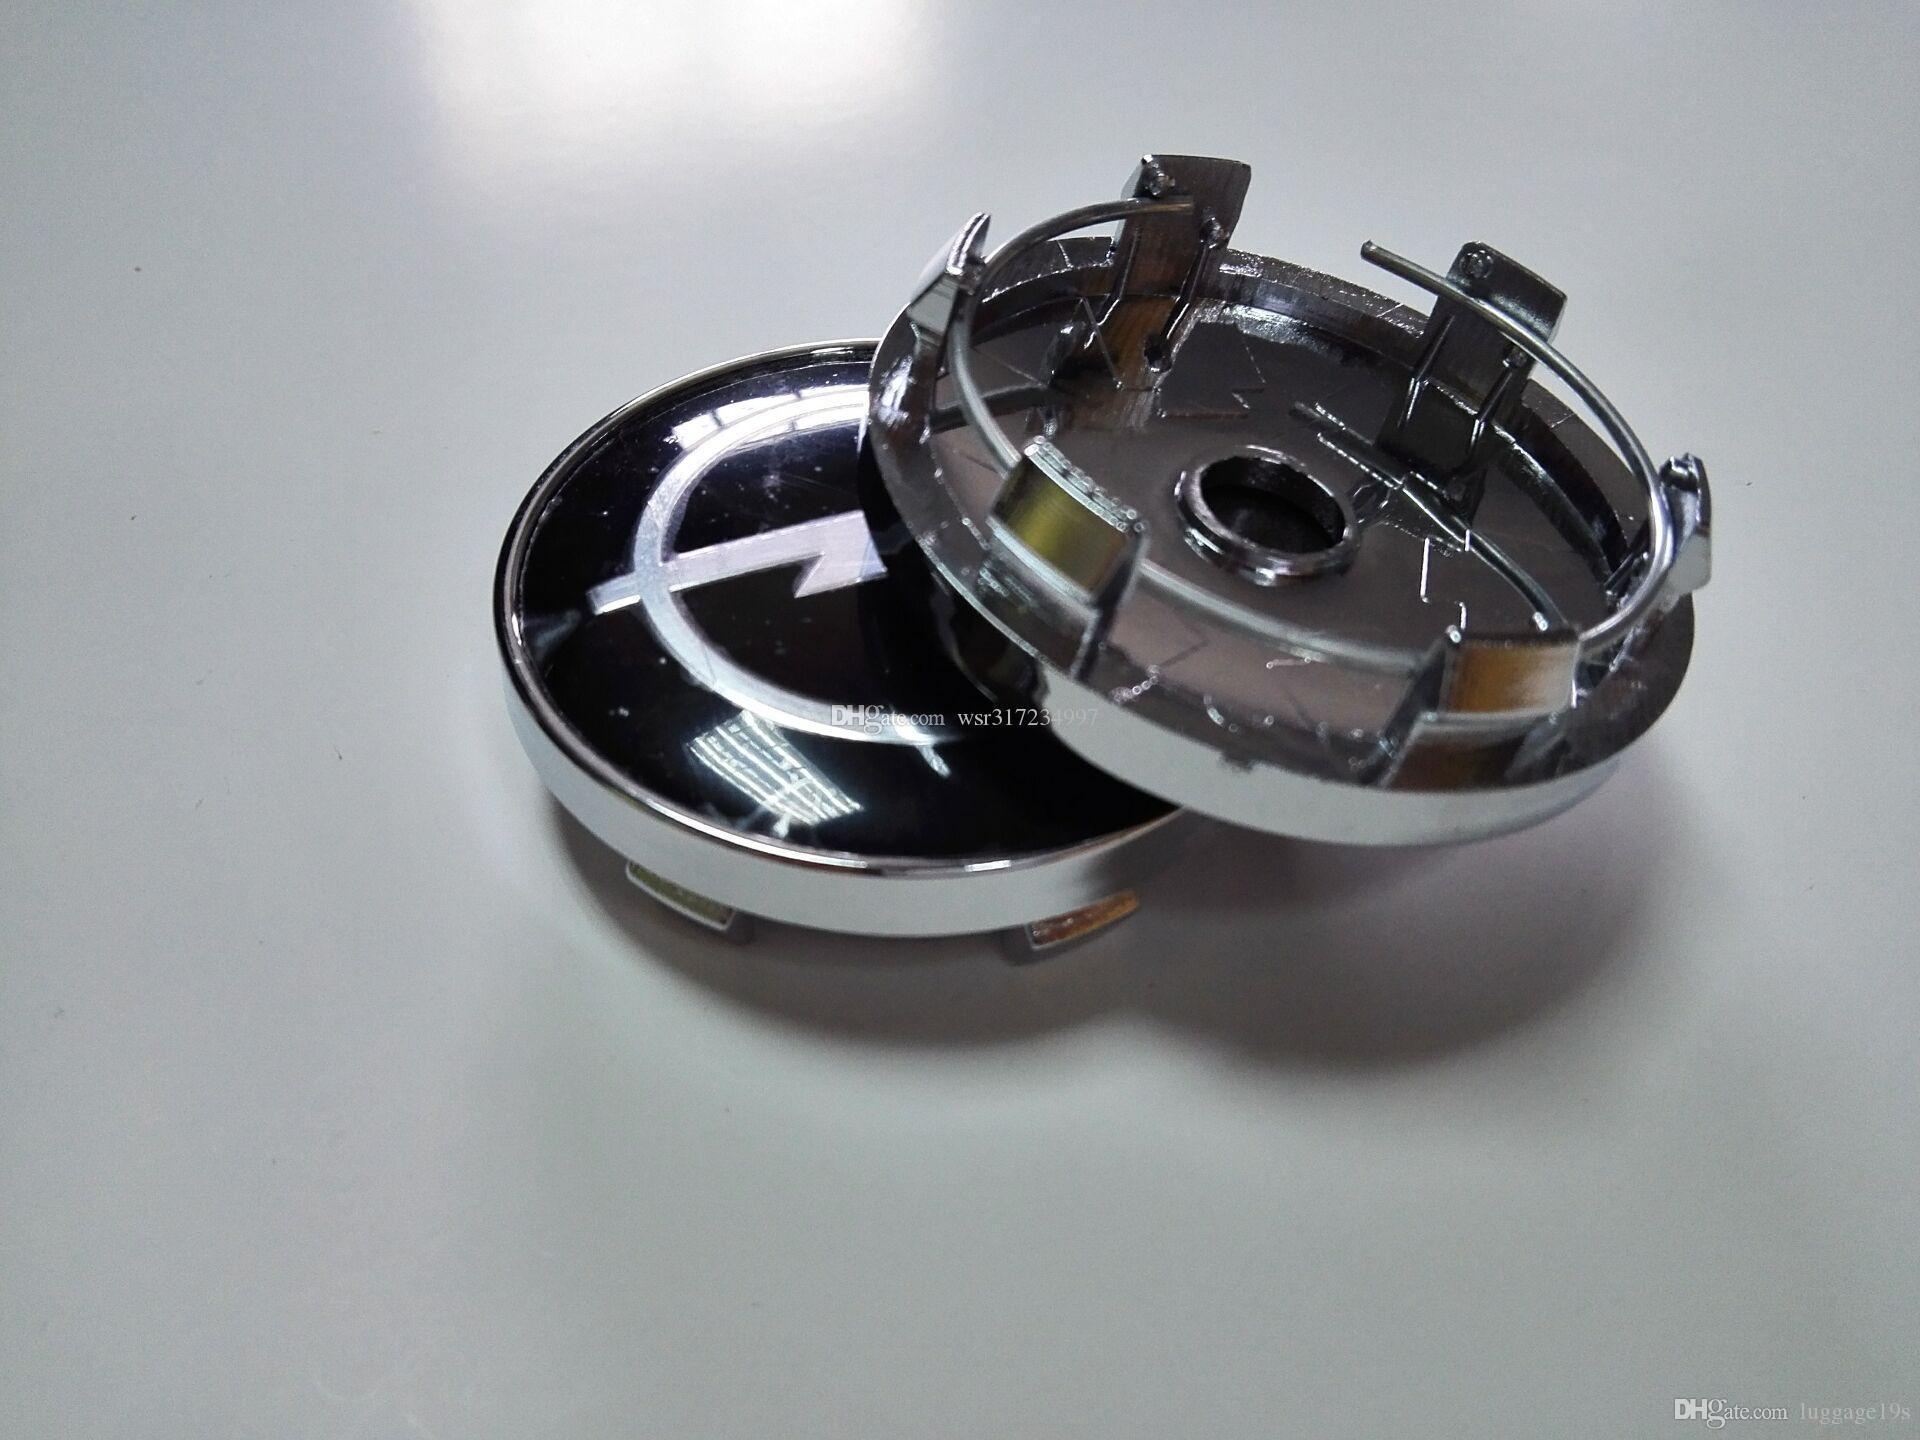 Car Styling 100Pcs * 60MM del centro di rotella delle protezioni di mozzo auto emblema distintivo marchio per BMW / VW / OPEL / MAZDA / Lexus / Volvo / Toyota / H / KIA / OZ Racing Ecc # 91S